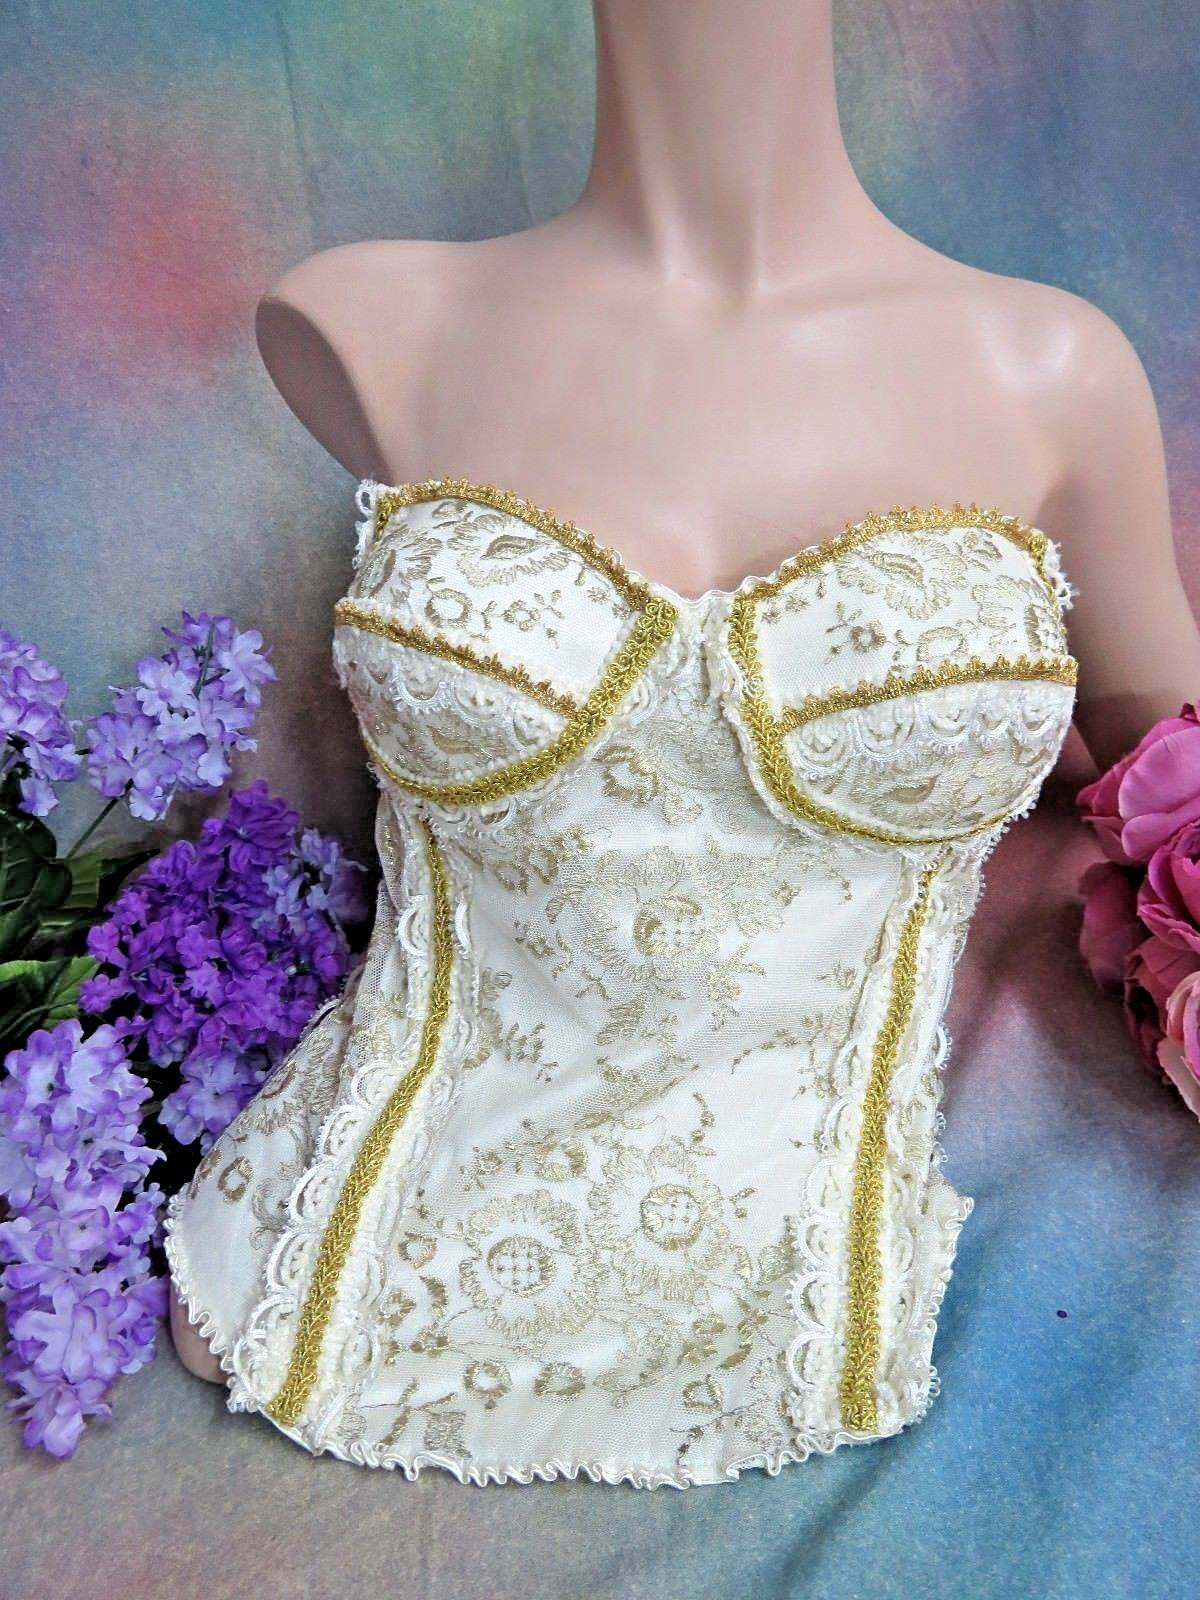 Carol Lee Designer Top Corsetto Galleria di Indossabile Arte oro oro oro Ricamato Rete c56c6c